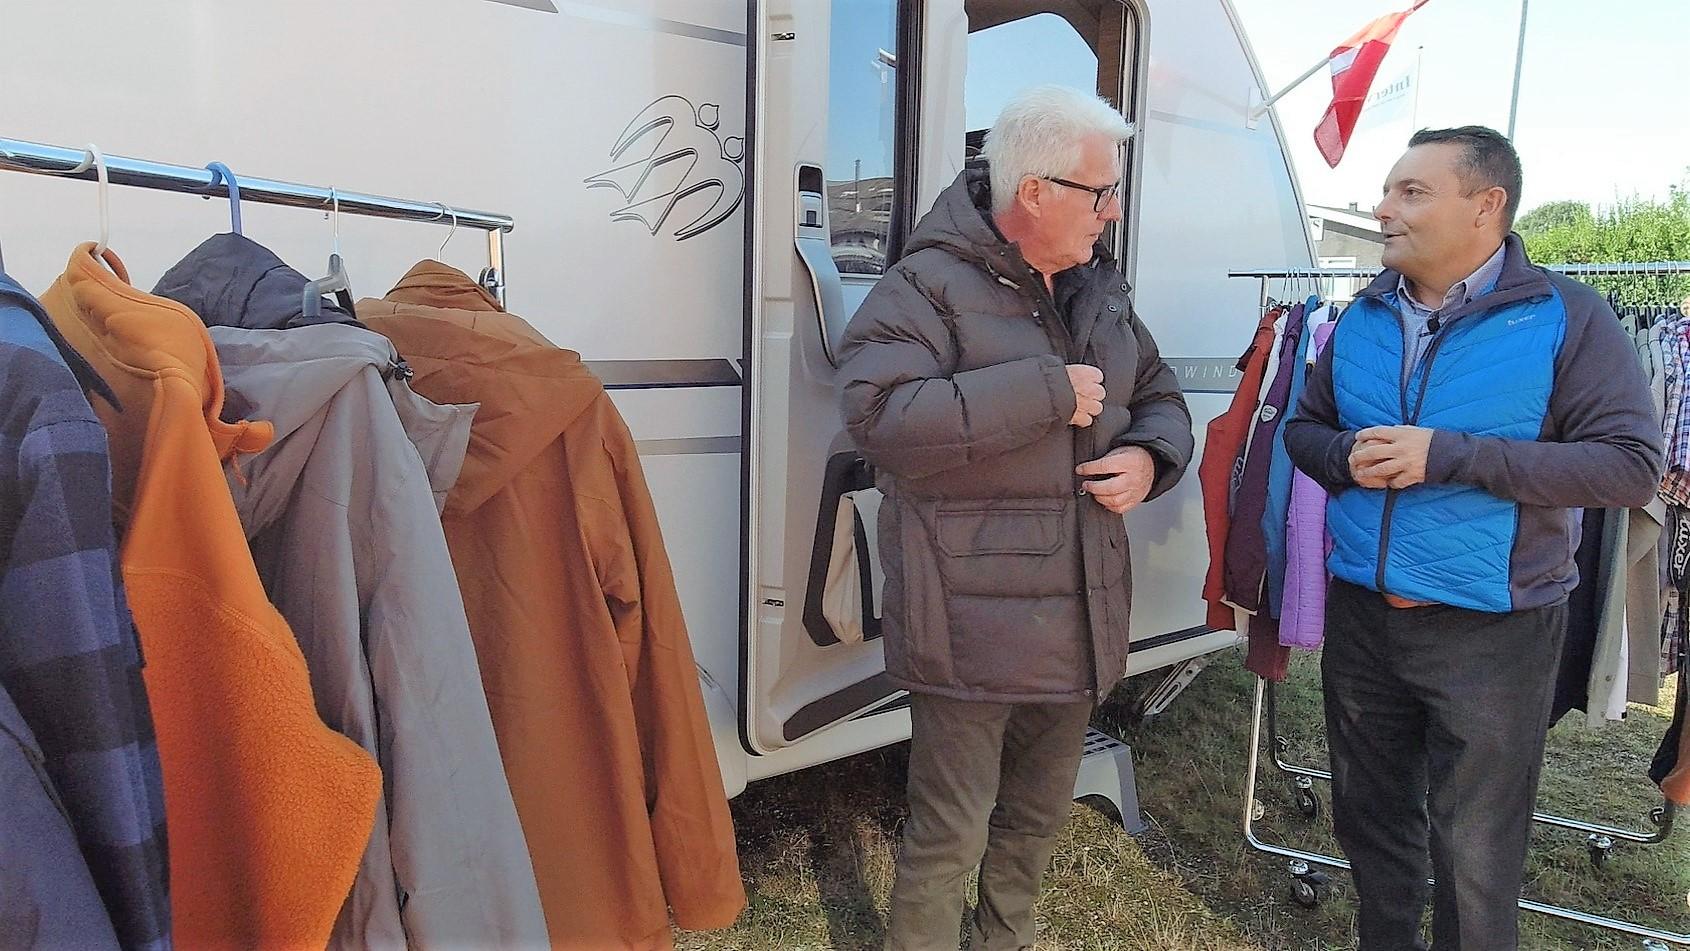 Tuxer tøj til vinterens campingture (Reklame)